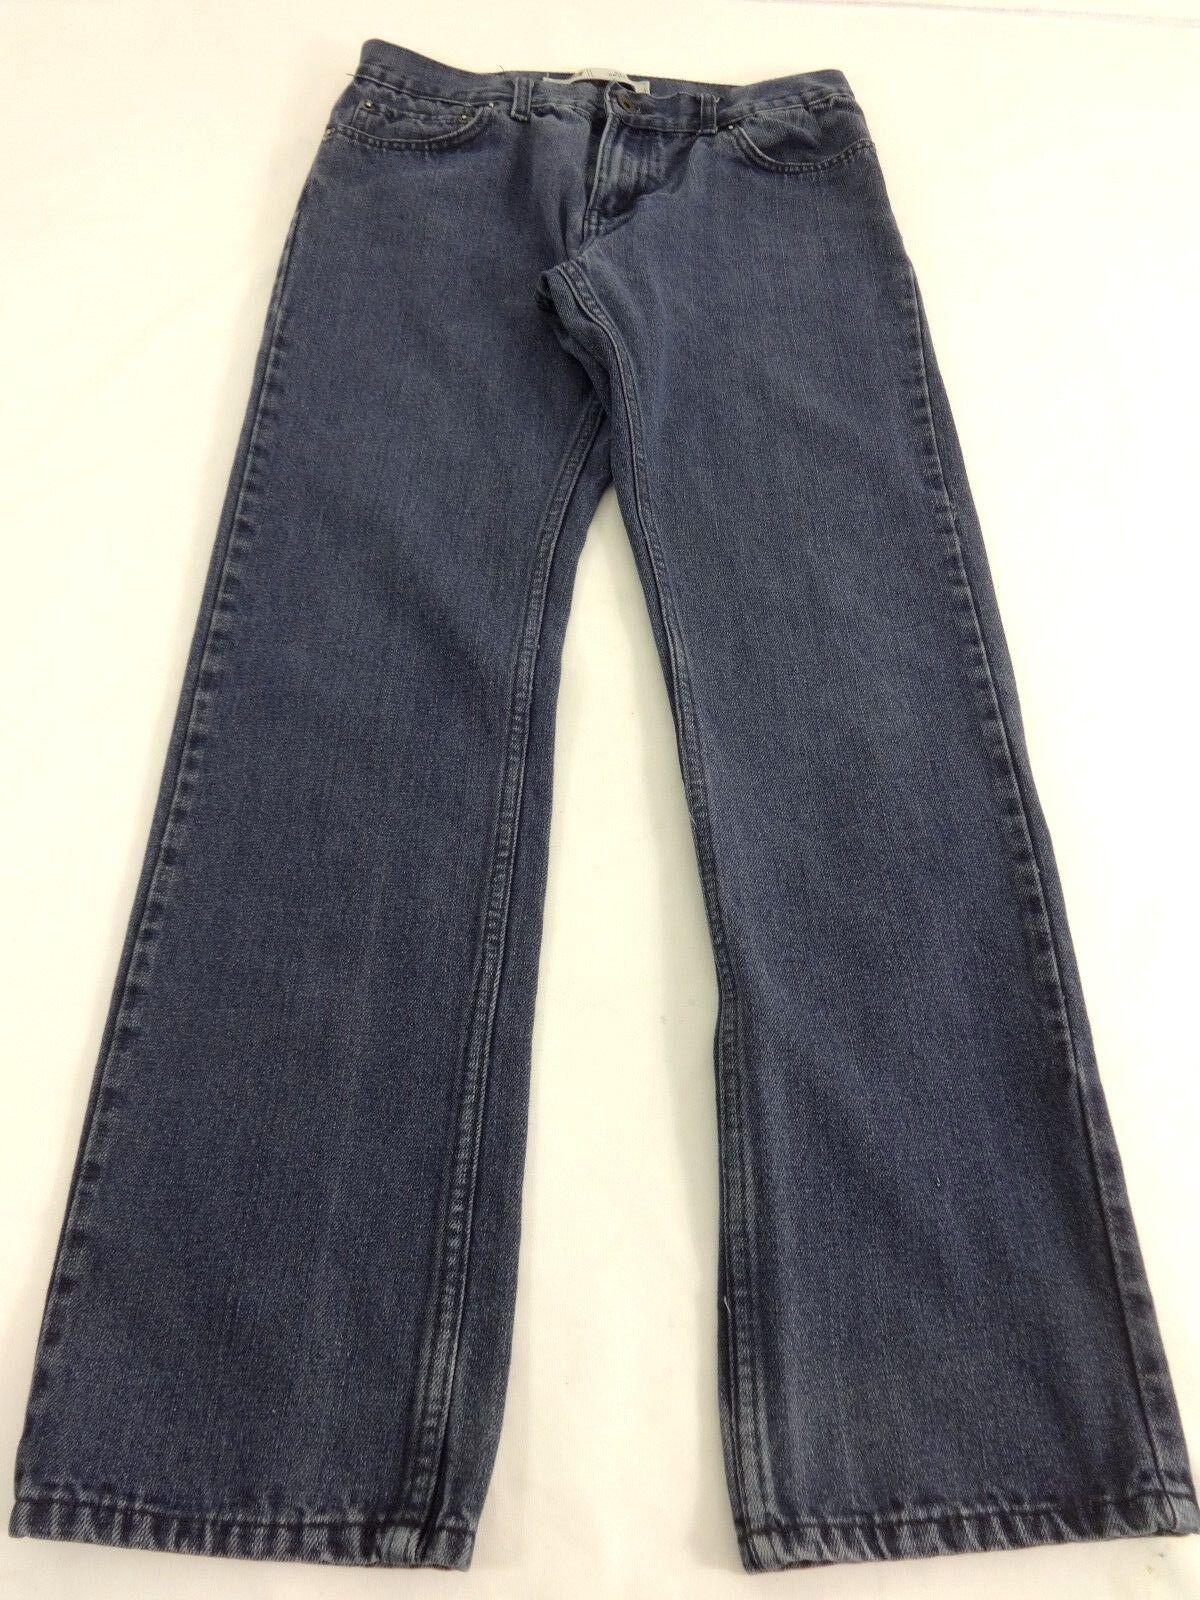 lista nueva fecha de lanzamiento gran descuento diversos estilos comprar baratas 100% autentico pantalon vaquero ...